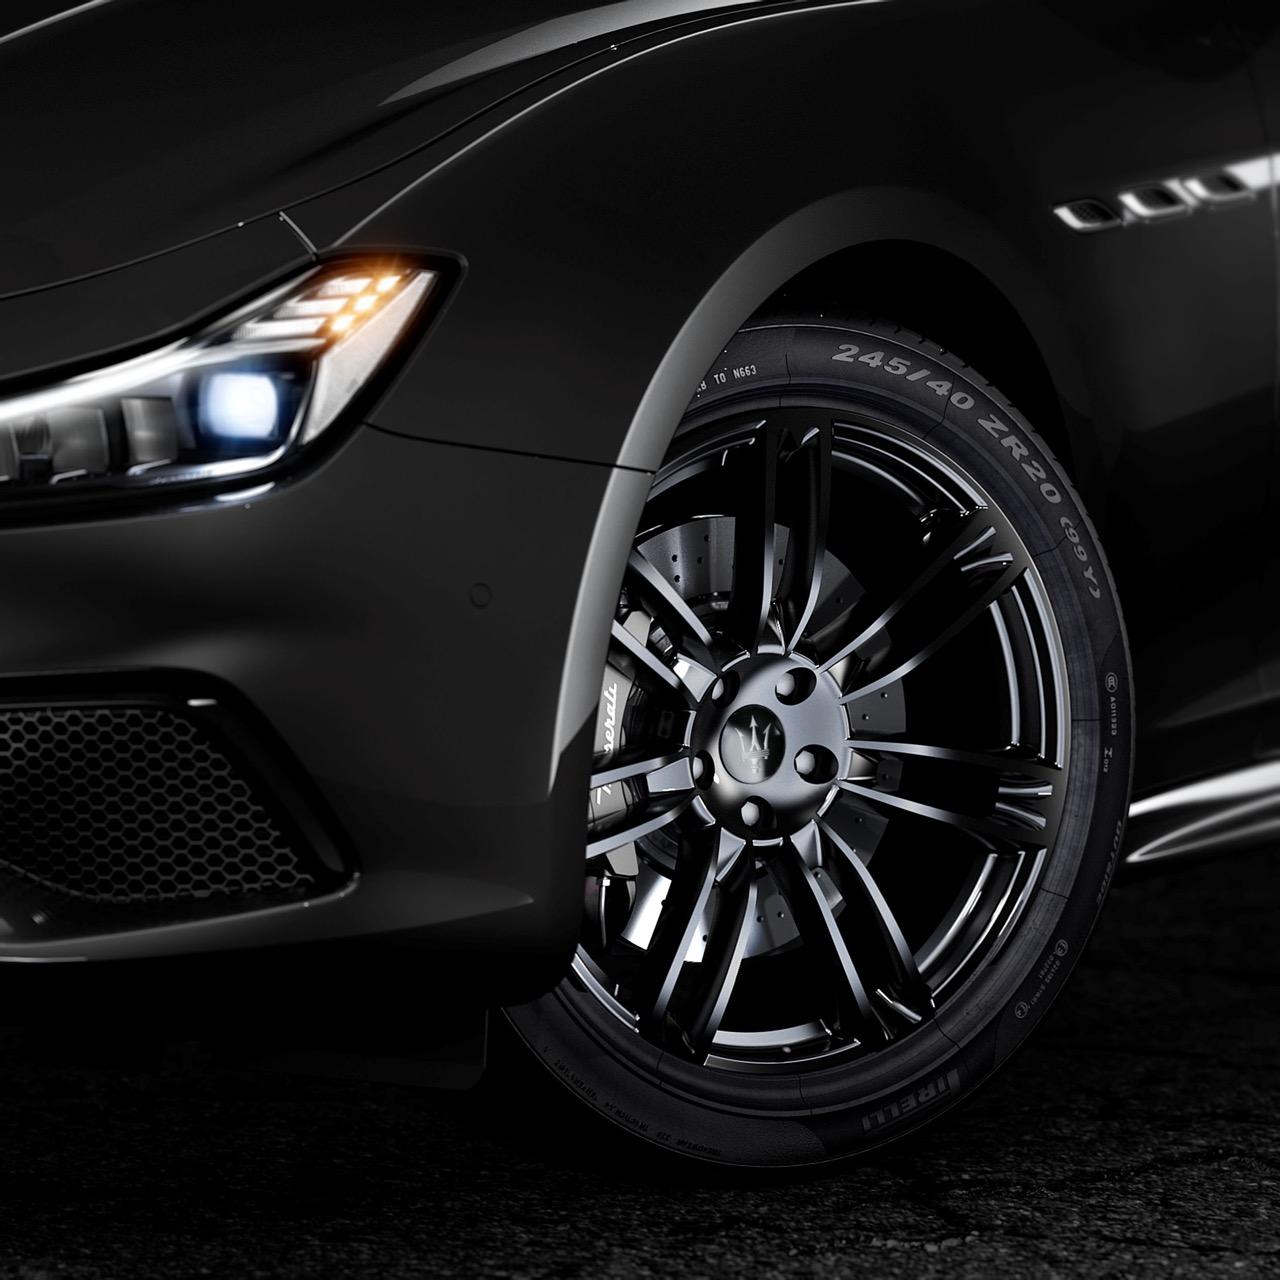 Maserati-Geneve-Nerissimo-05